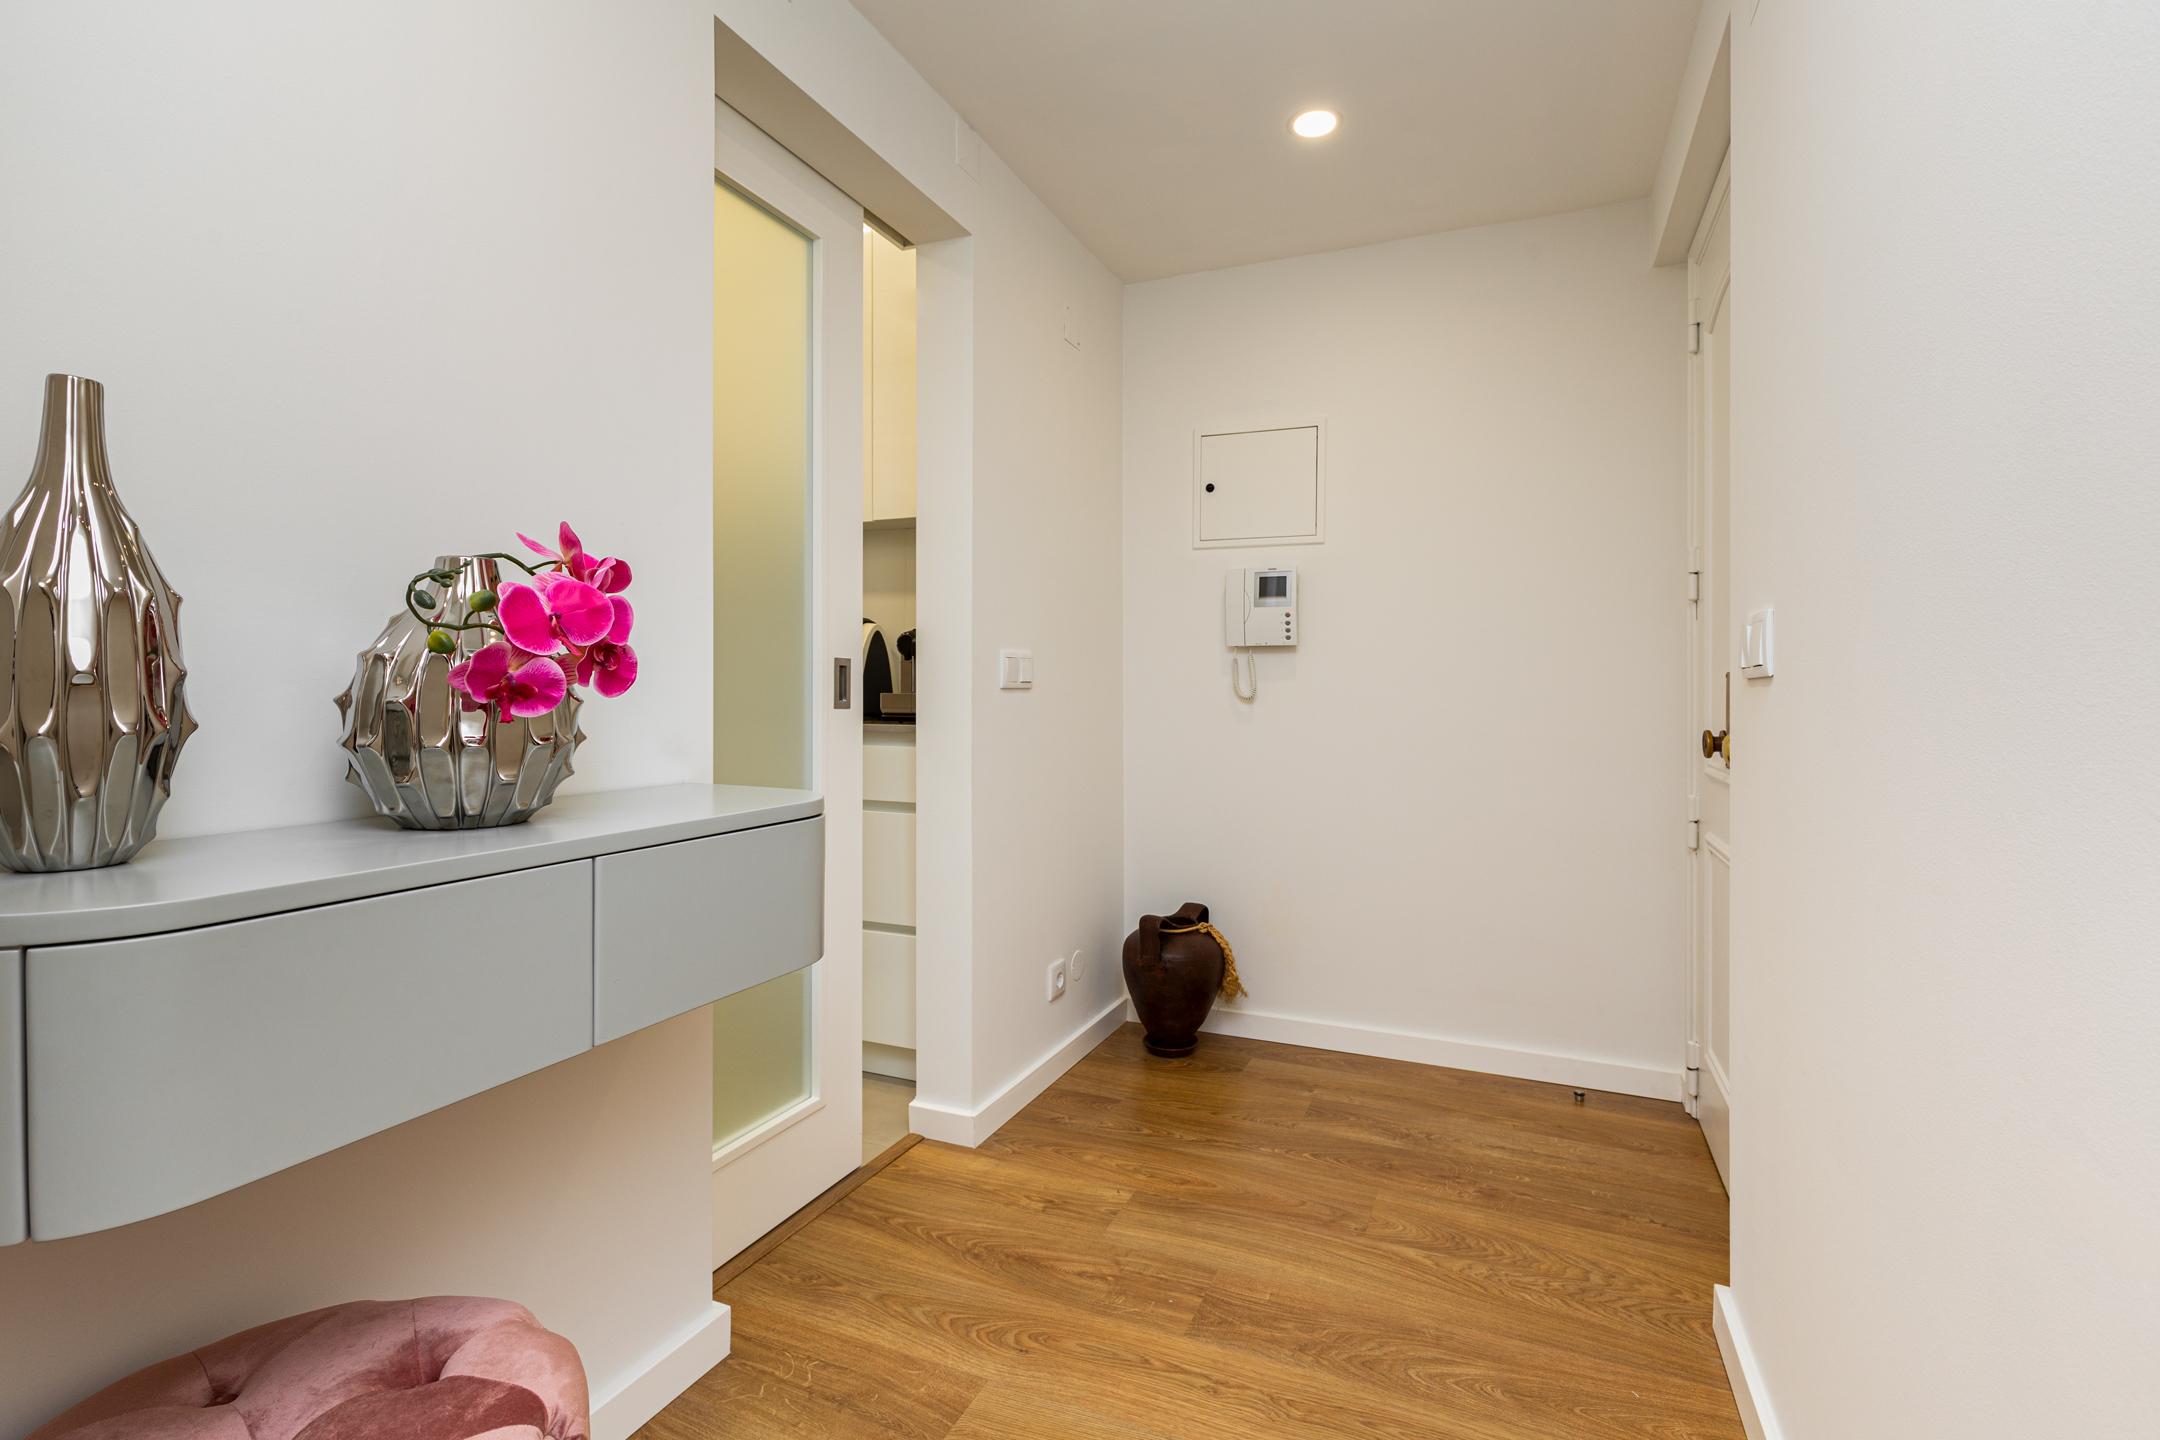 pormnor de hall de entrada em apartamento renovado guimarães